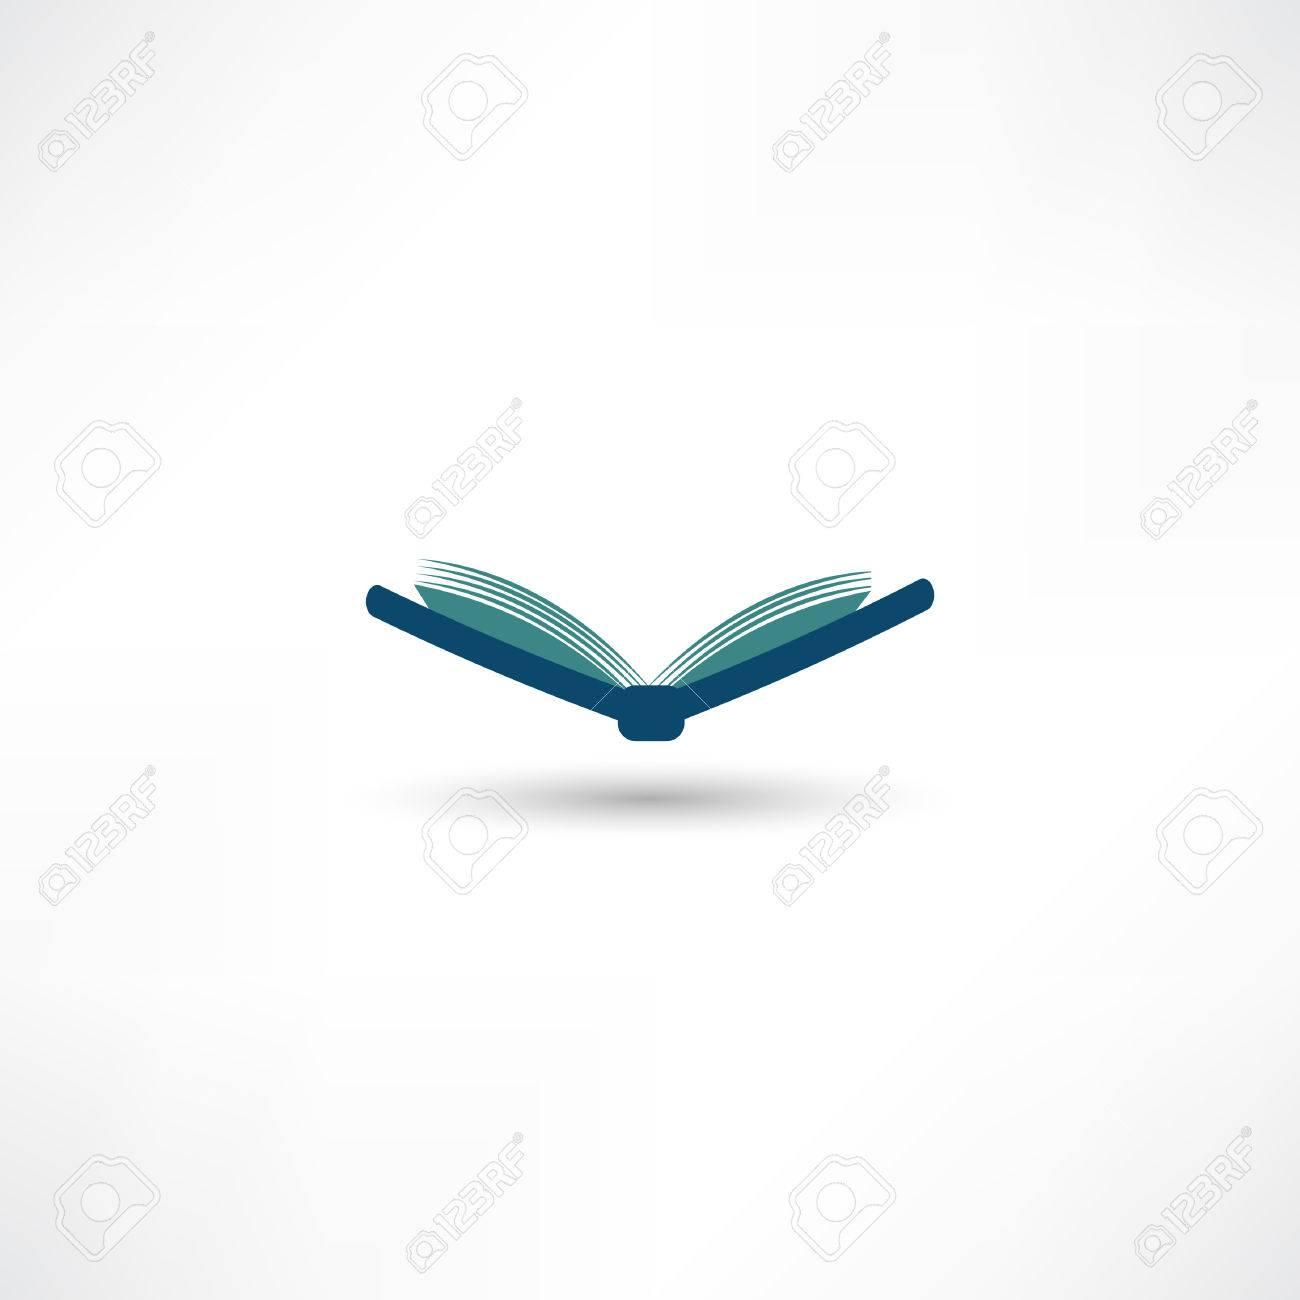 book icon - 32204519